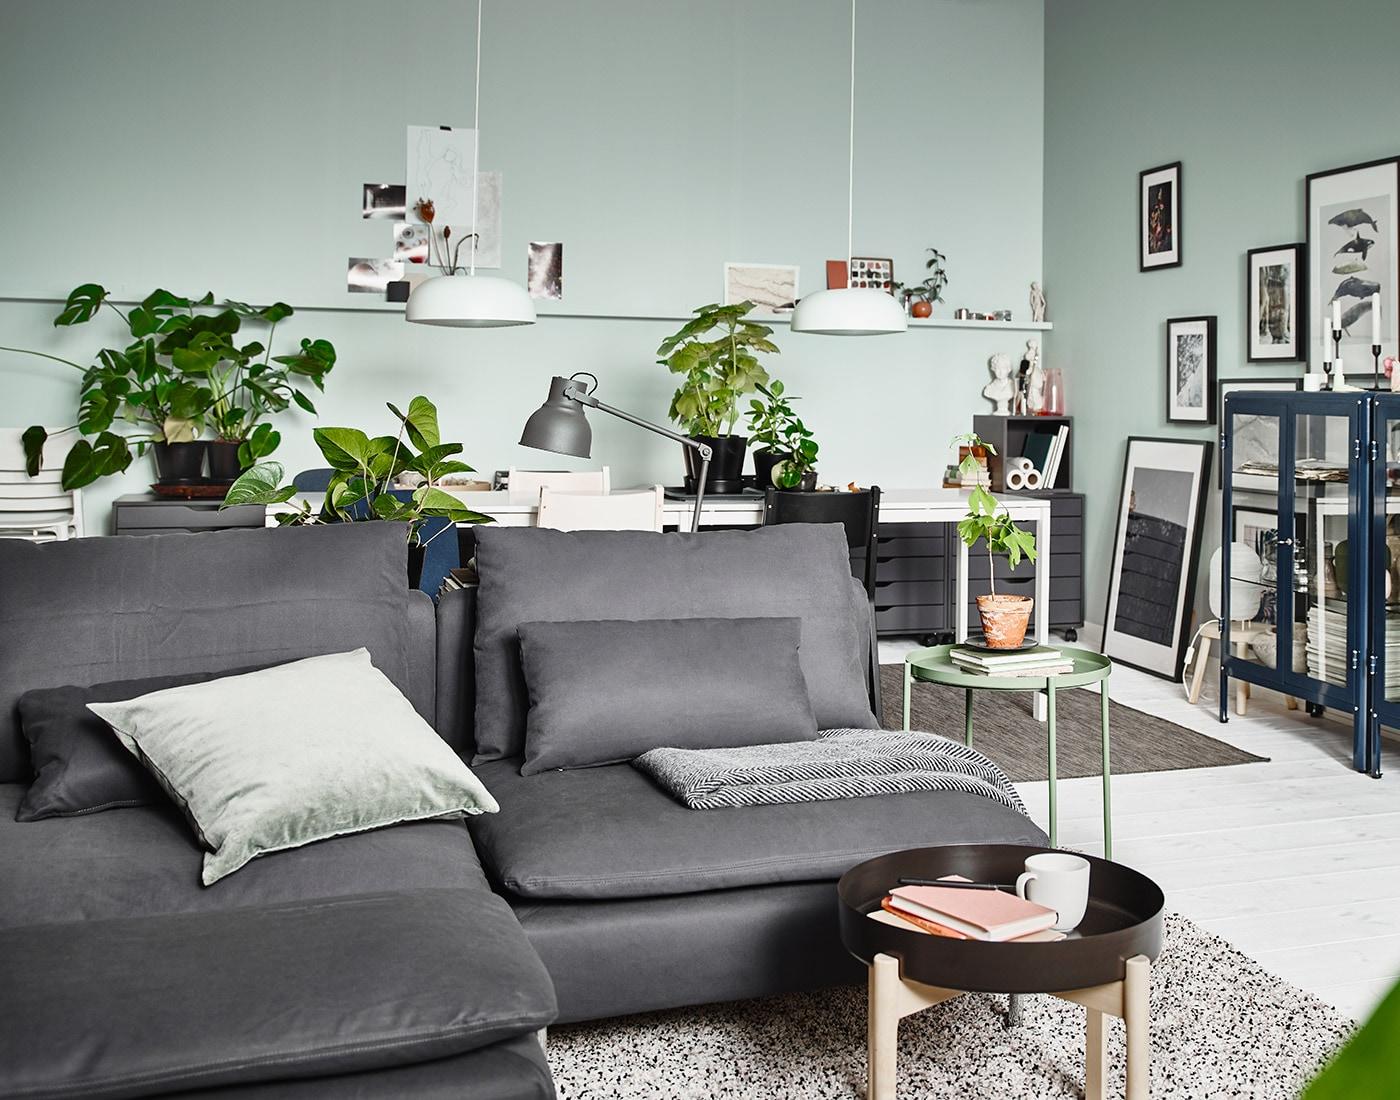 Stuemobler Fa Inspiration Til At Indrette Din Stue Ikea